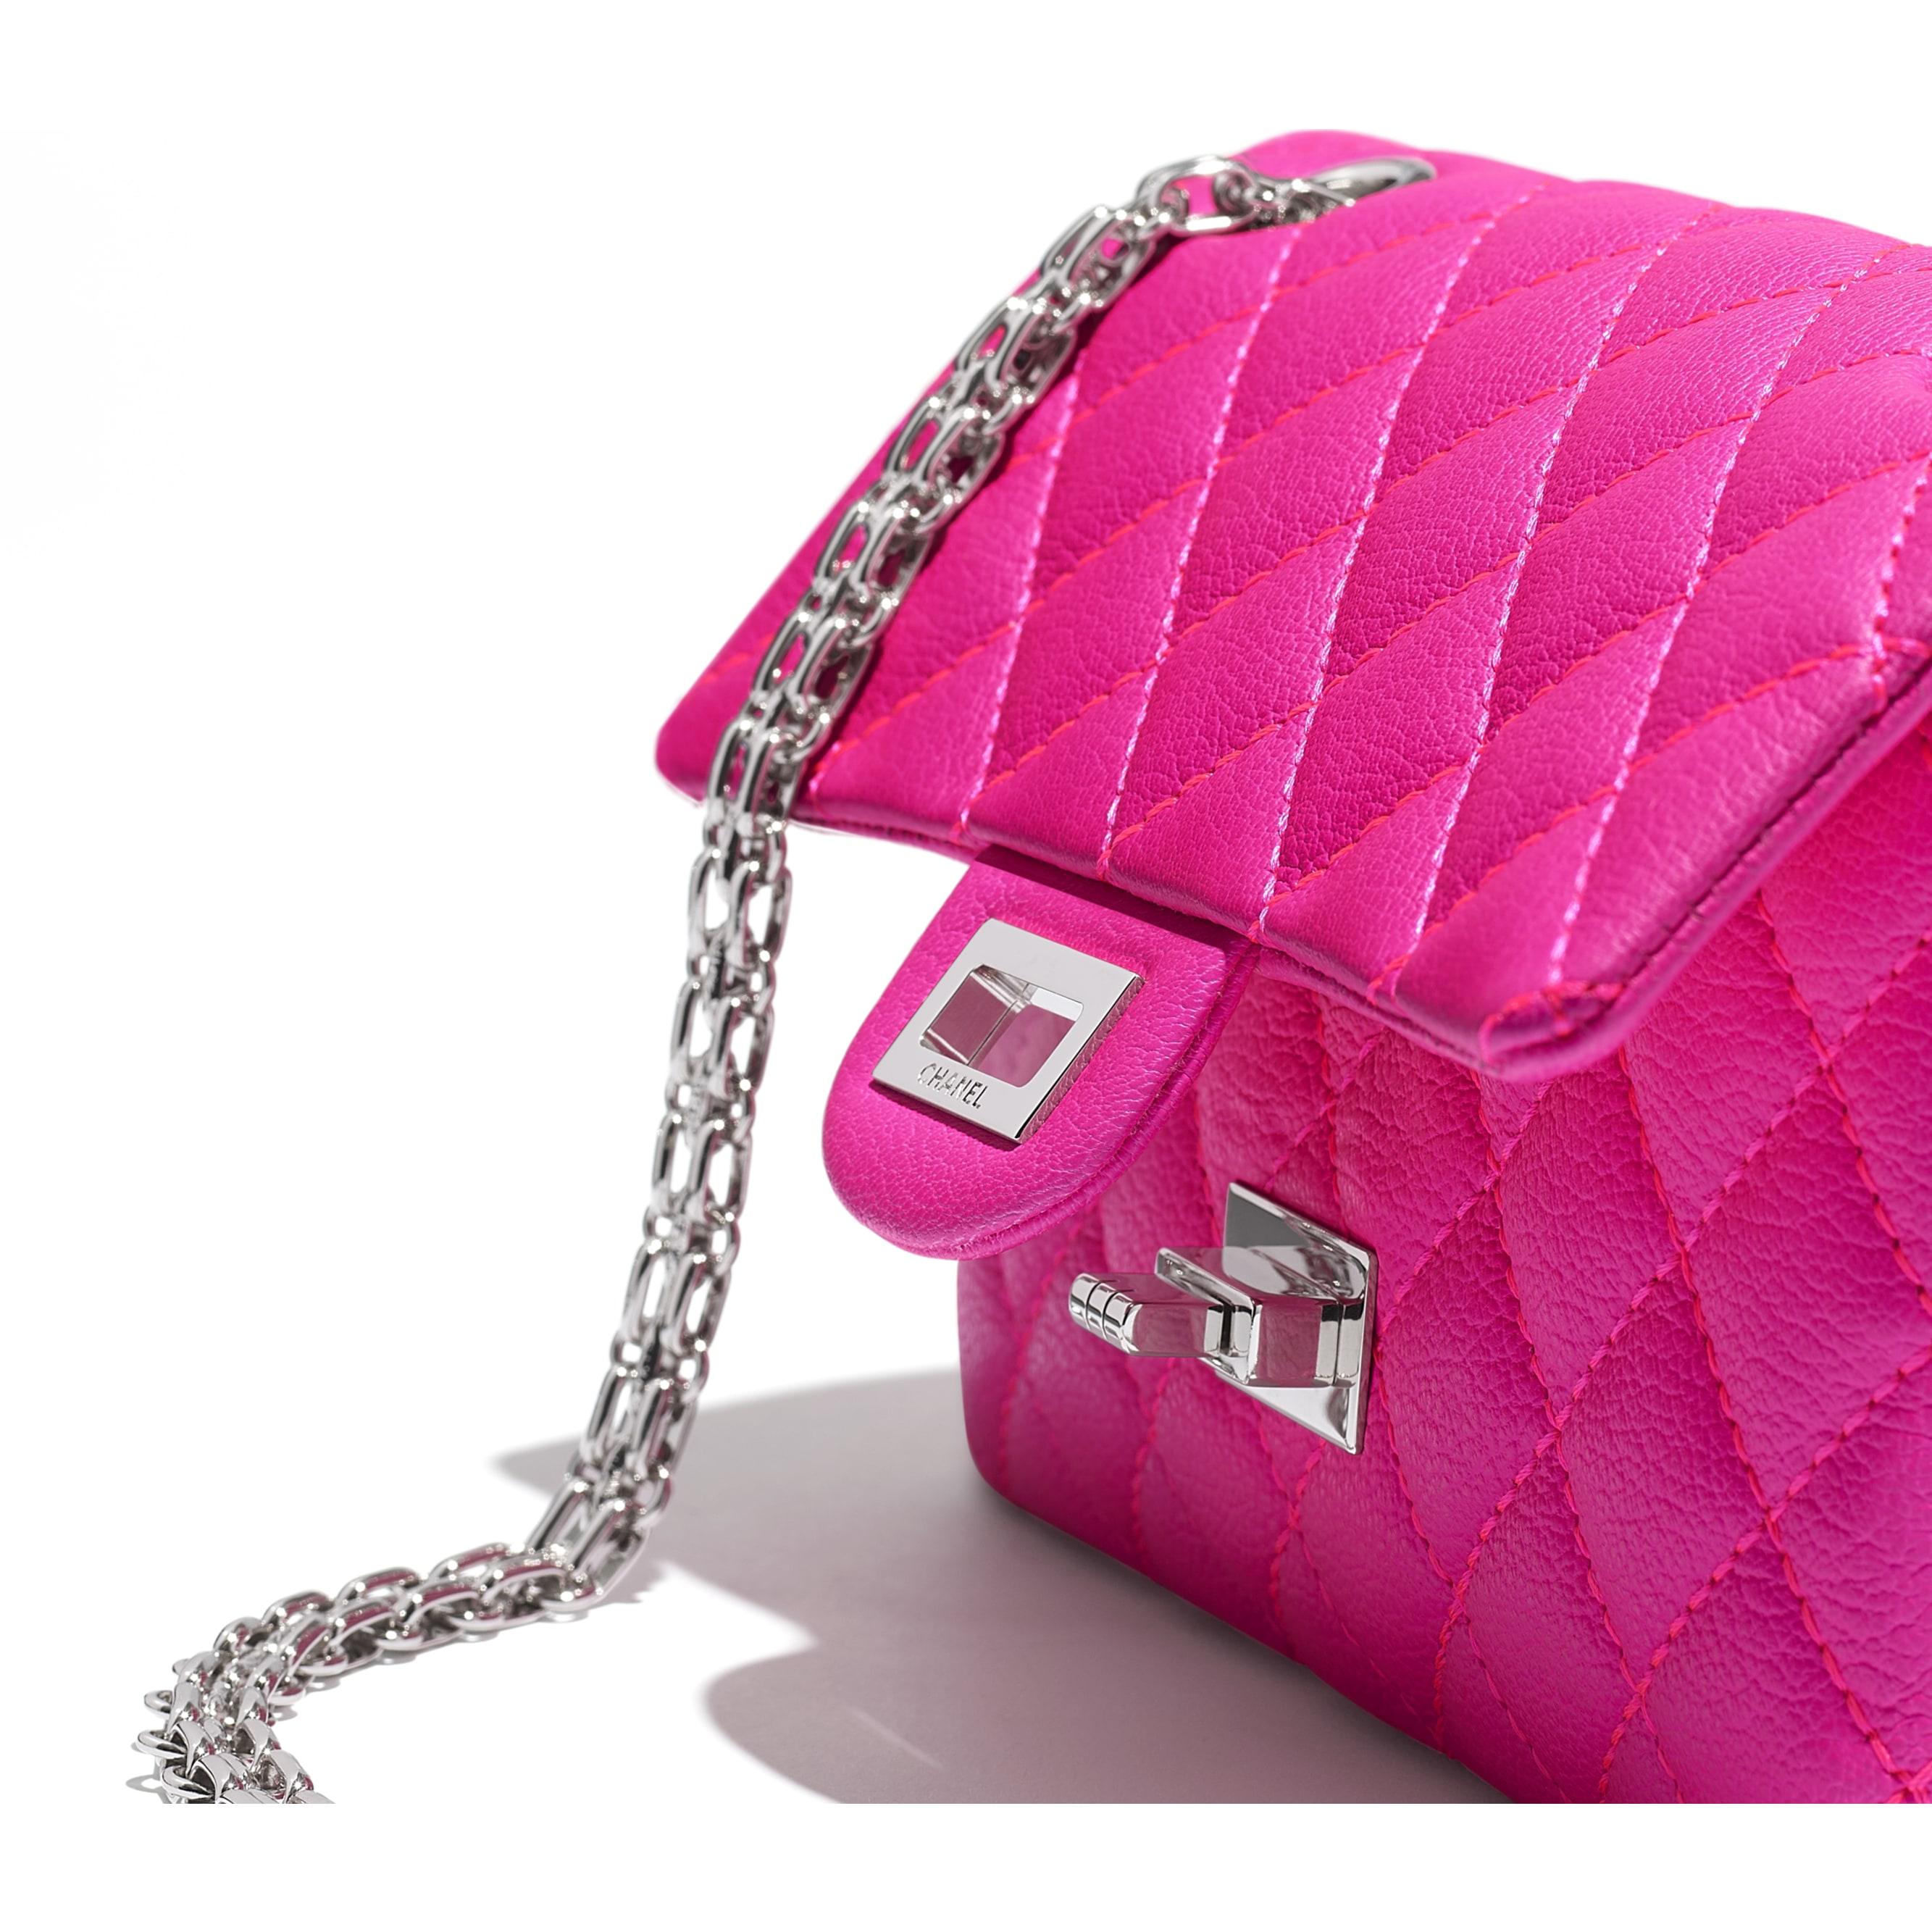 Mini sac 2.55 - Rose - Chèvre & métal argenté - CHANEL - Vue supplémentaire - voir la version taille standard